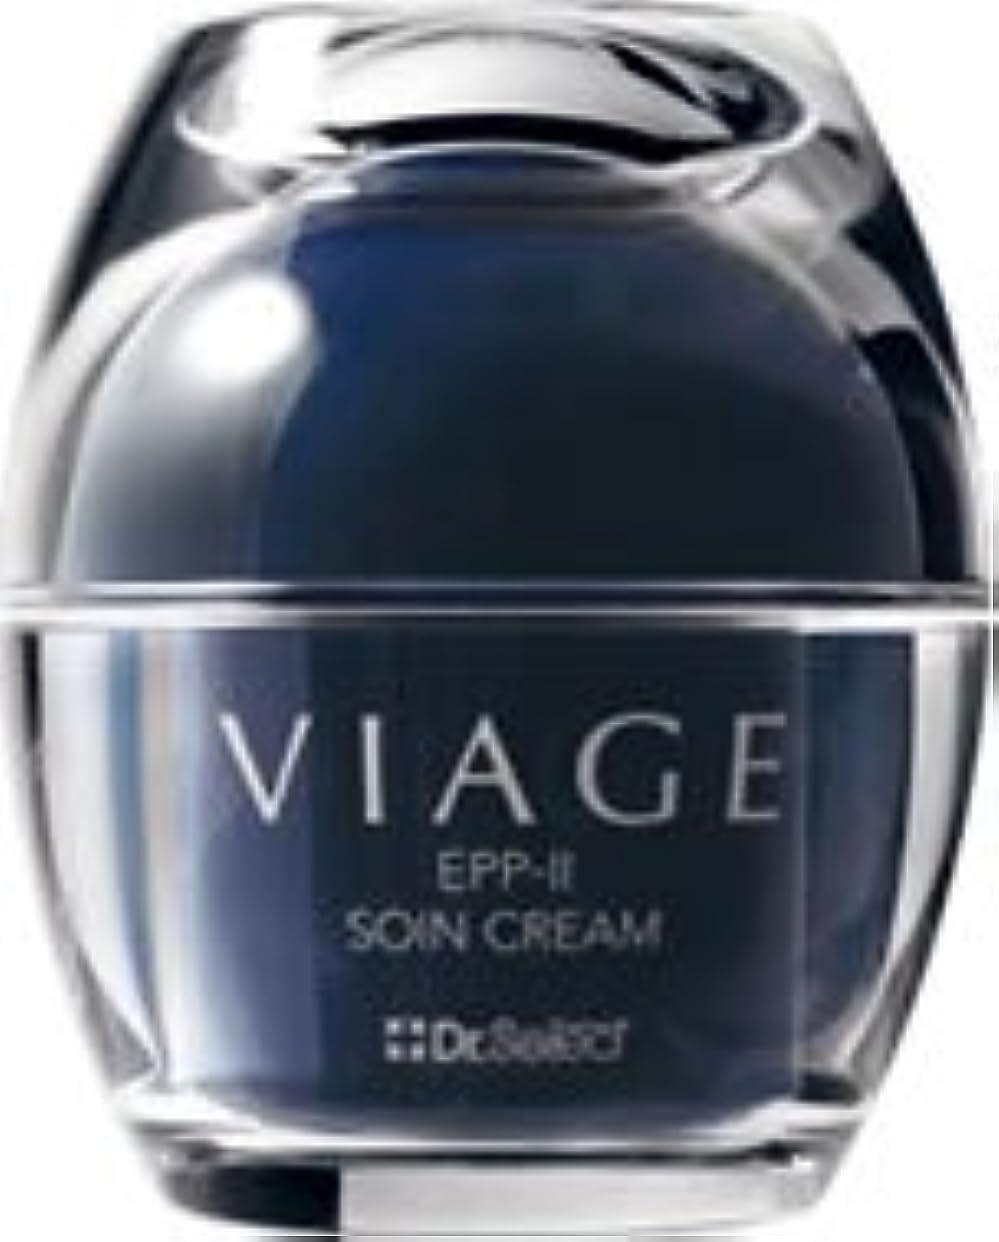 優れました名前シーケンスドクターセレクト VIAGE EPP-Ⅱ(ヴィアージュ) ソワンクリーム 30g(複合エイジングケアクリーム)